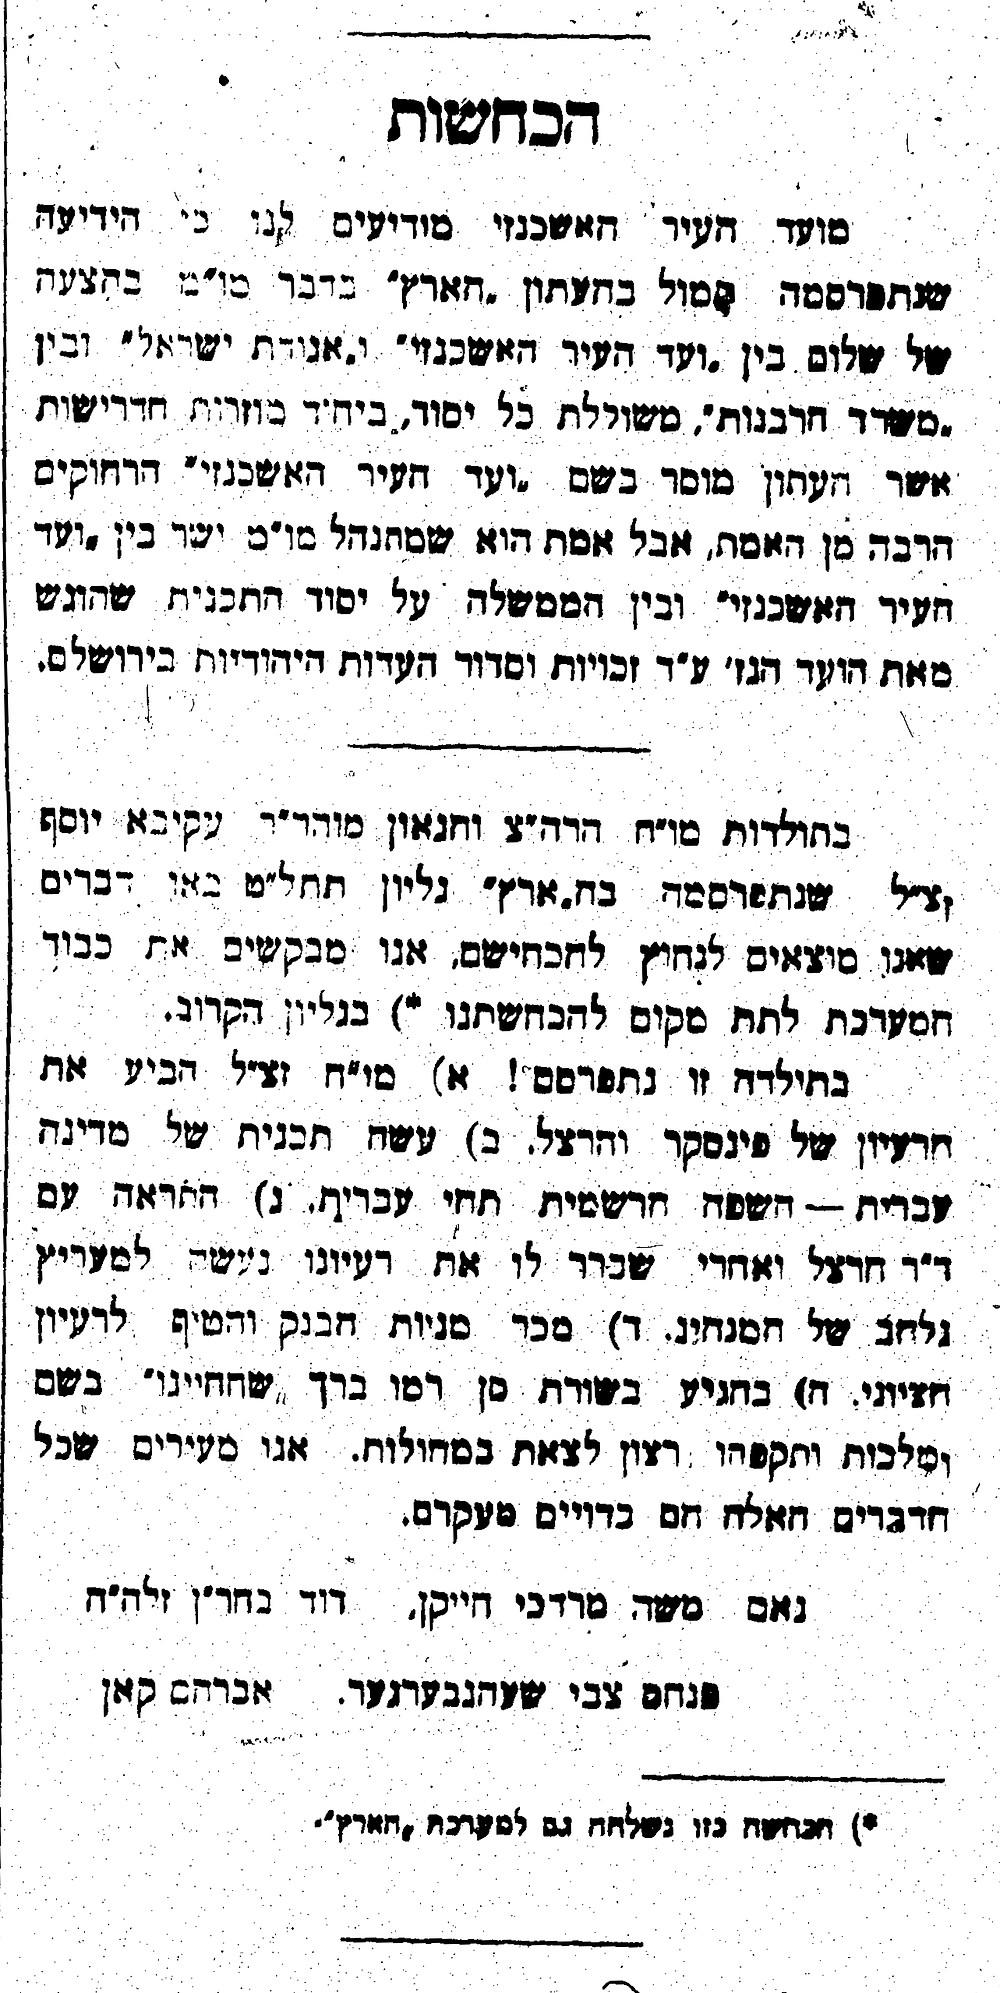 """כרוז הכחשות שהתפרסם בקול ישראל, ז' איר ה'תרפ""""ב, עמ' 4"""